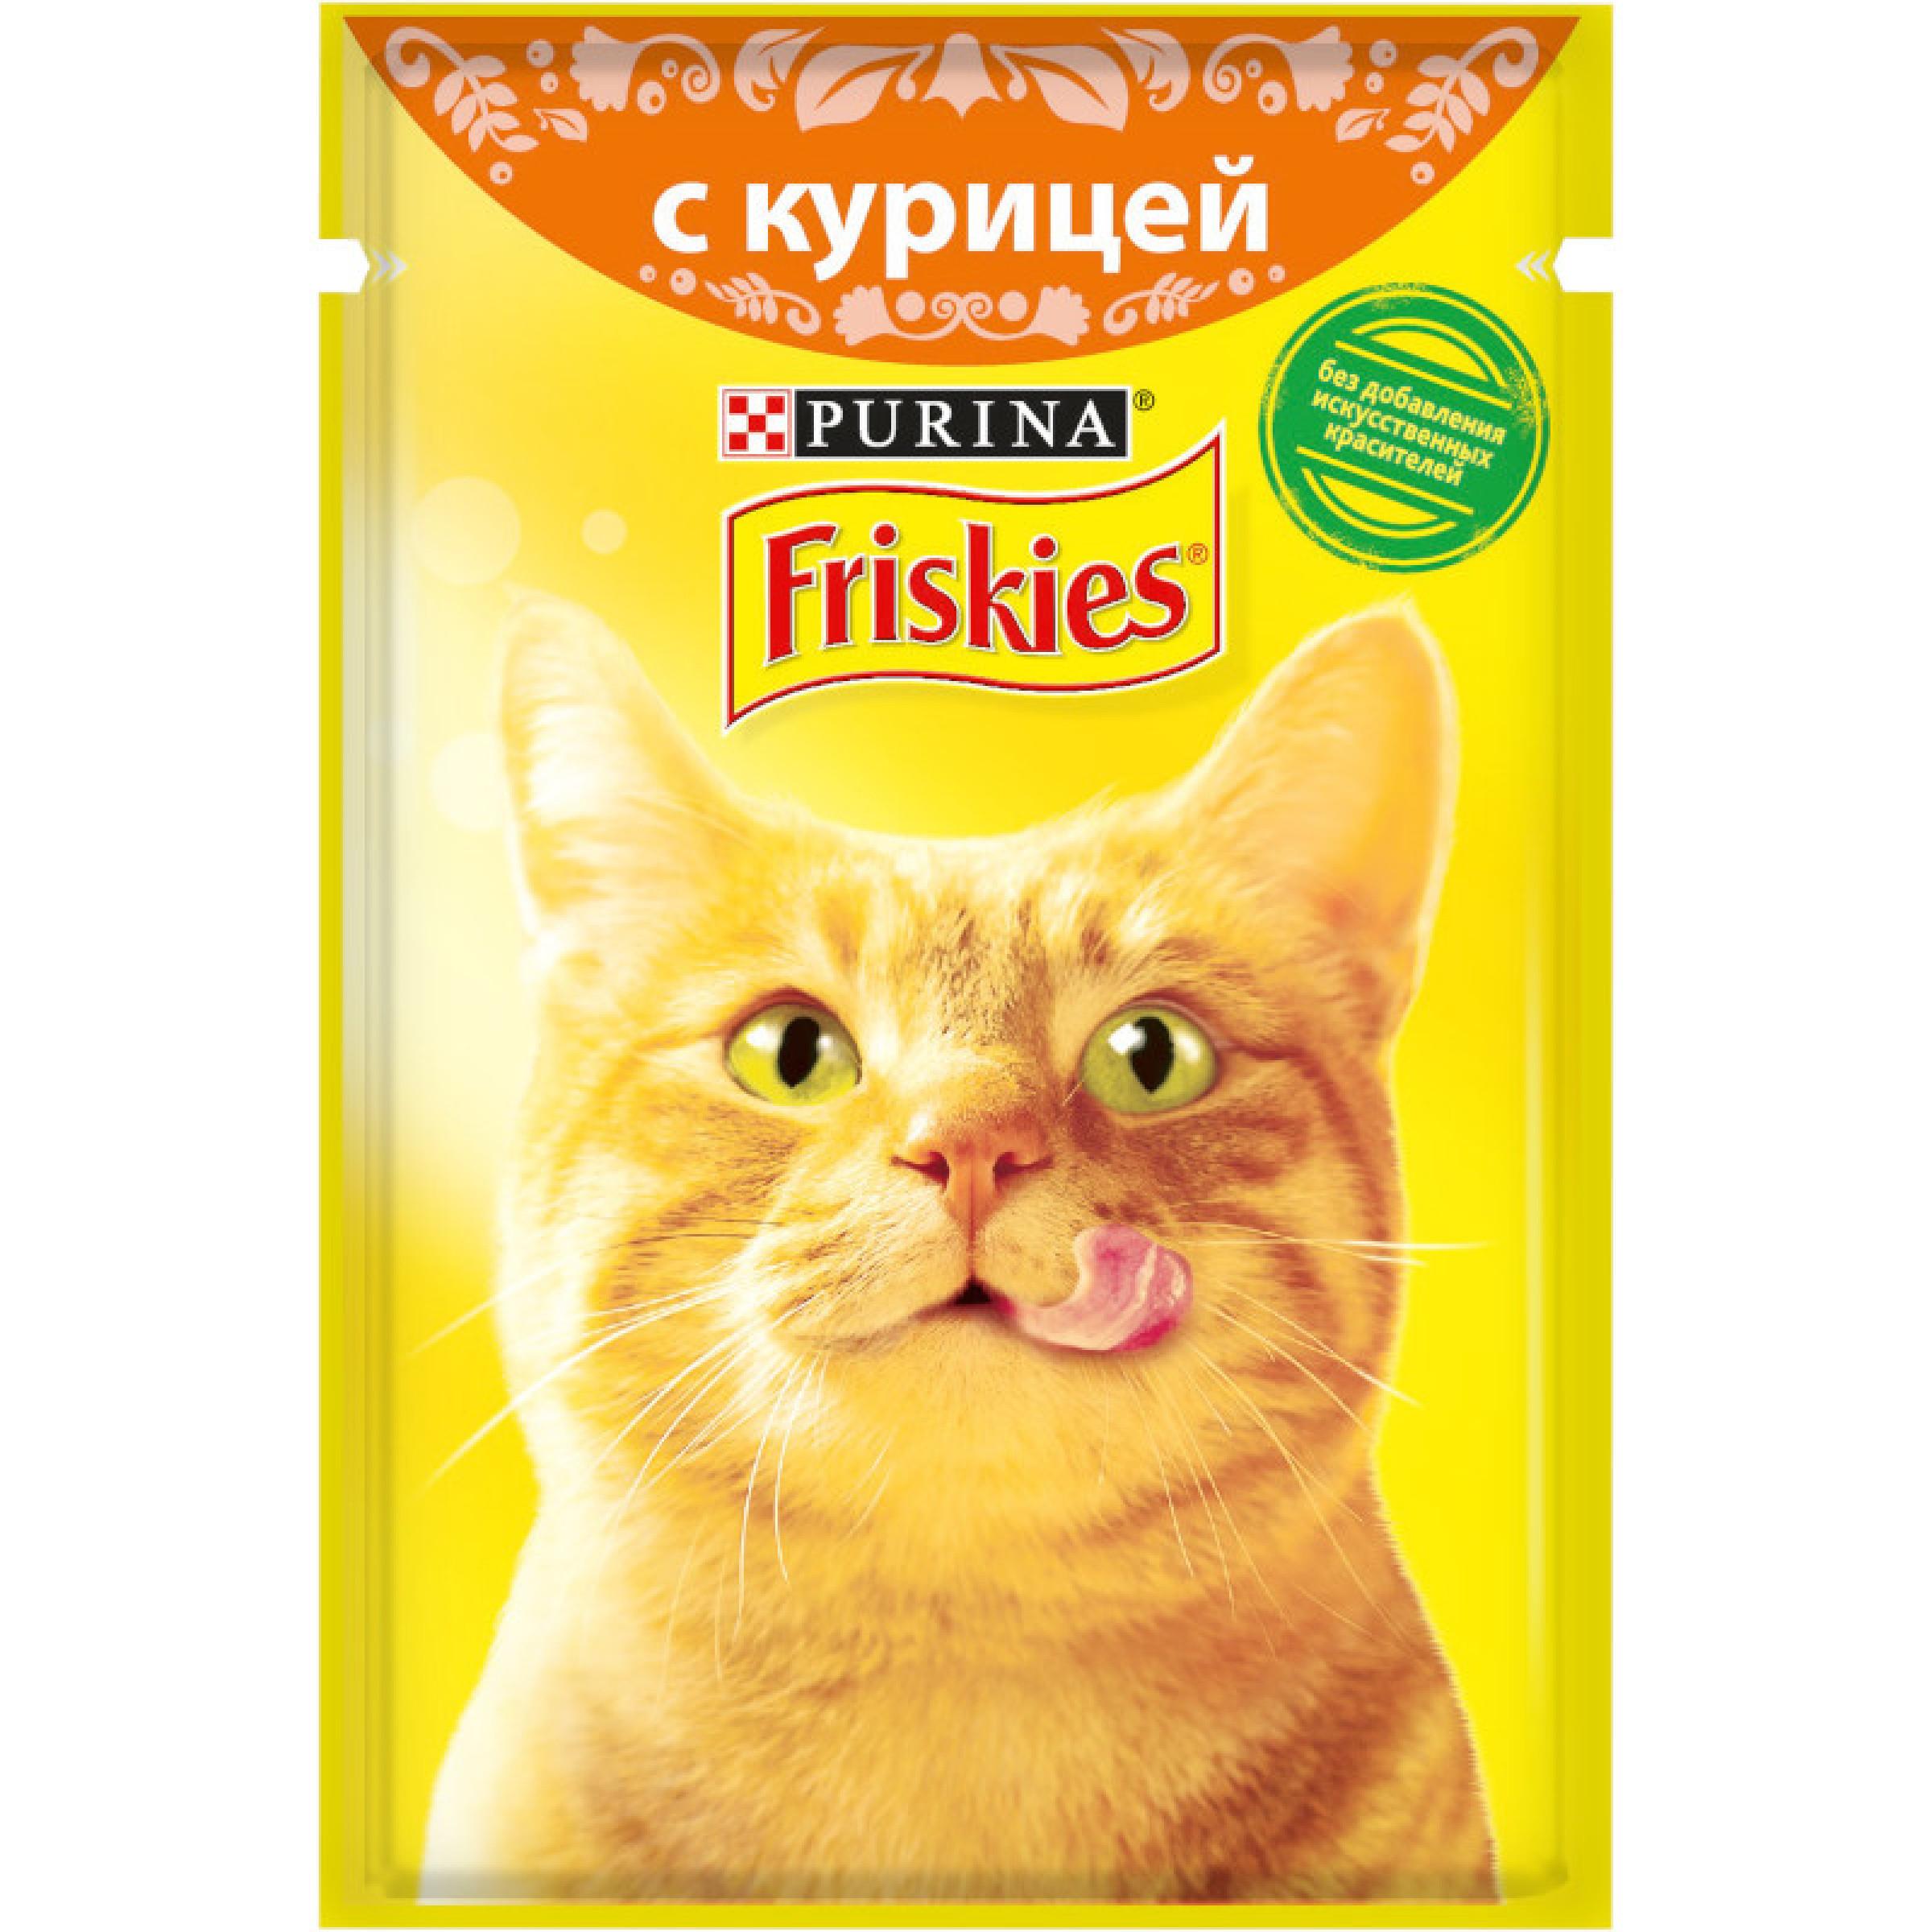 Корм Friskies для взрослых кошек, с курицей в подливе, 85 г